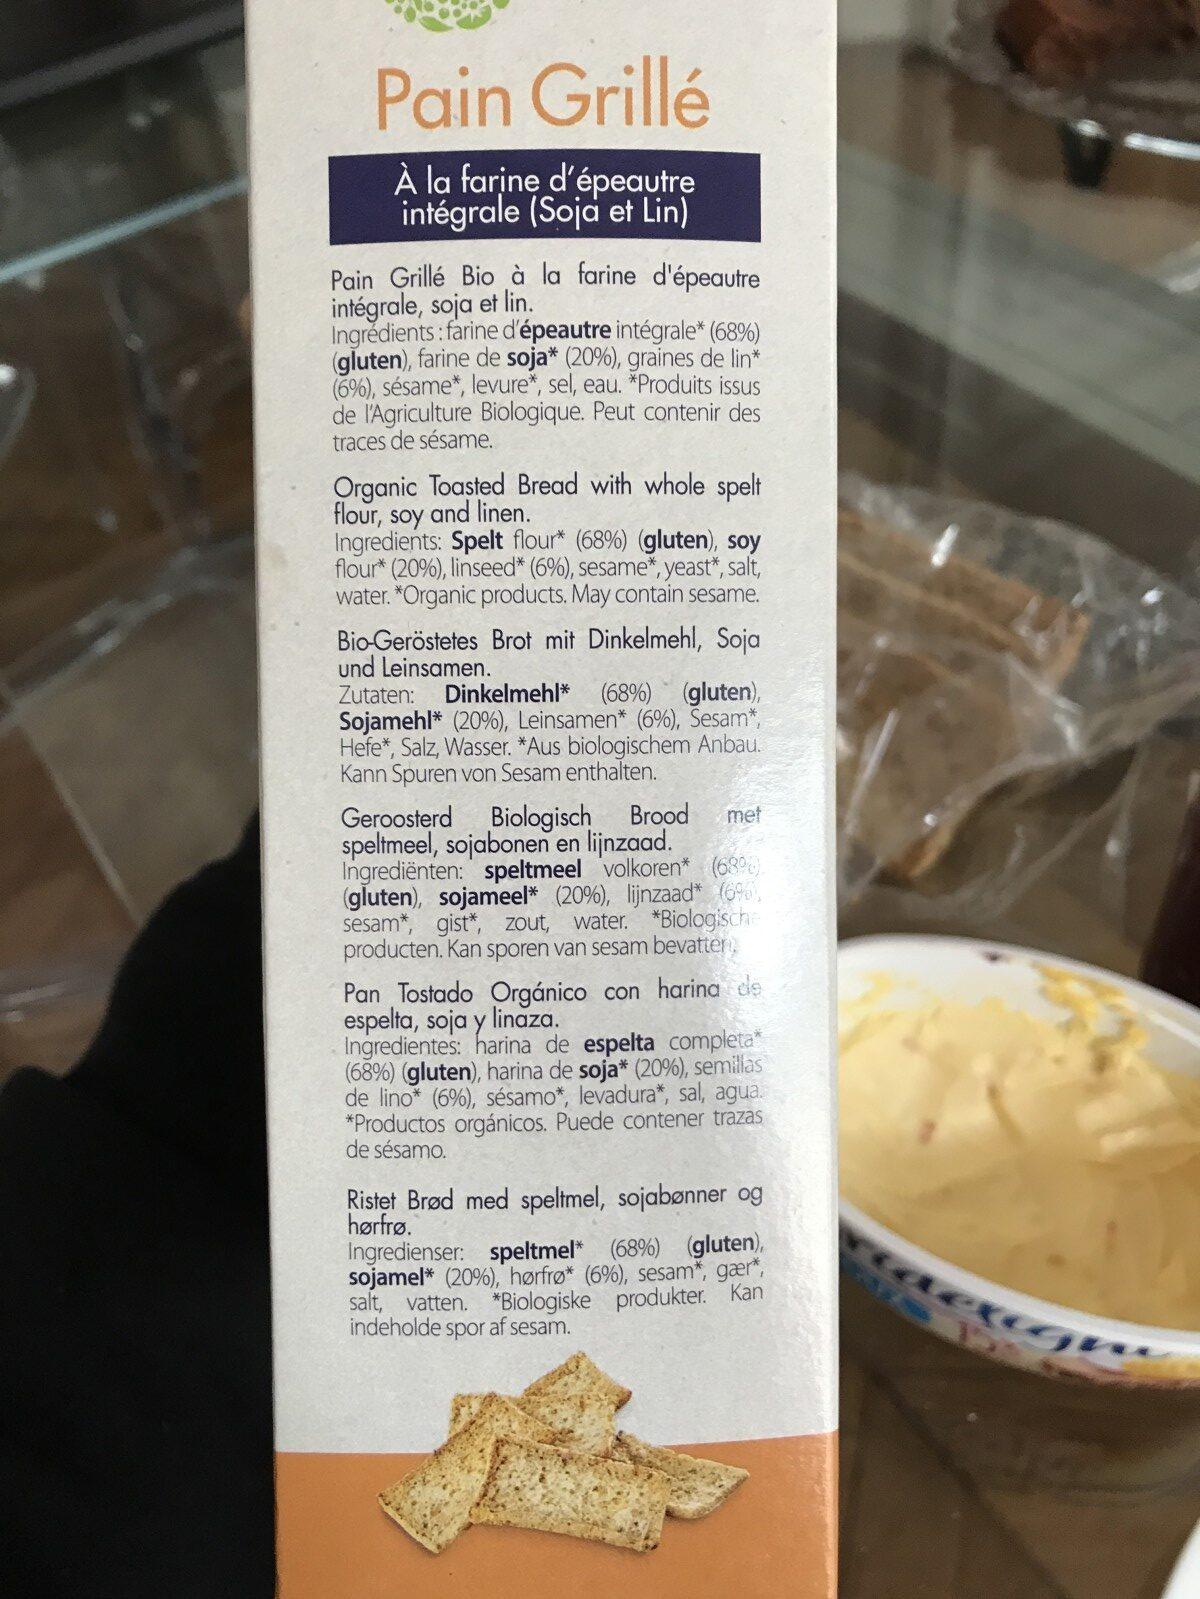 pain grillé à la farine d'épautre intégrale (Soja et Lin) - Ingredients